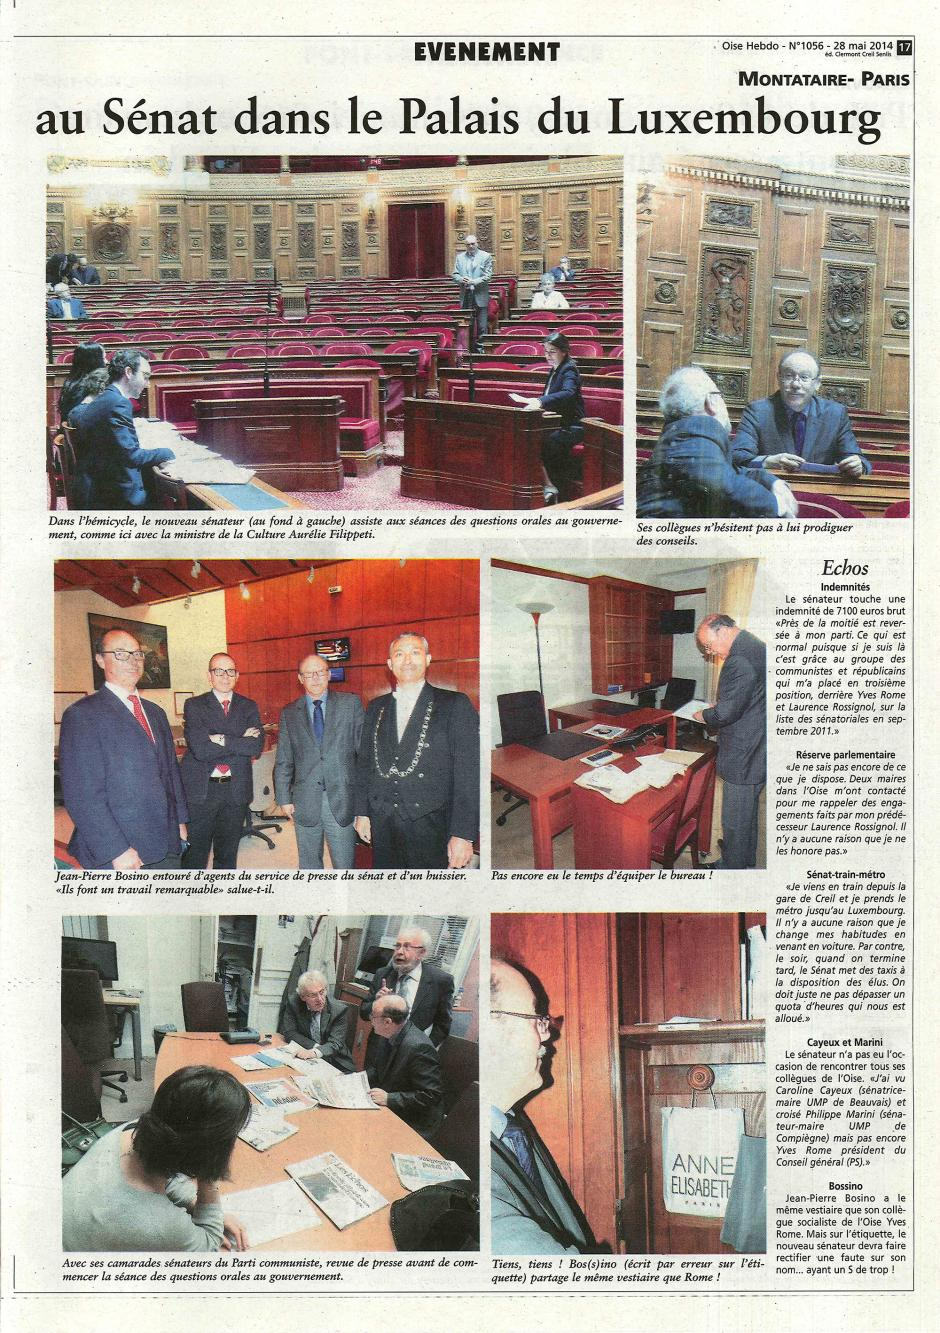 20140528-OH-Montataire-Les premiers pas de Jean-Pierre Bosino au Sénat dans le Palais du Luxembourg-b